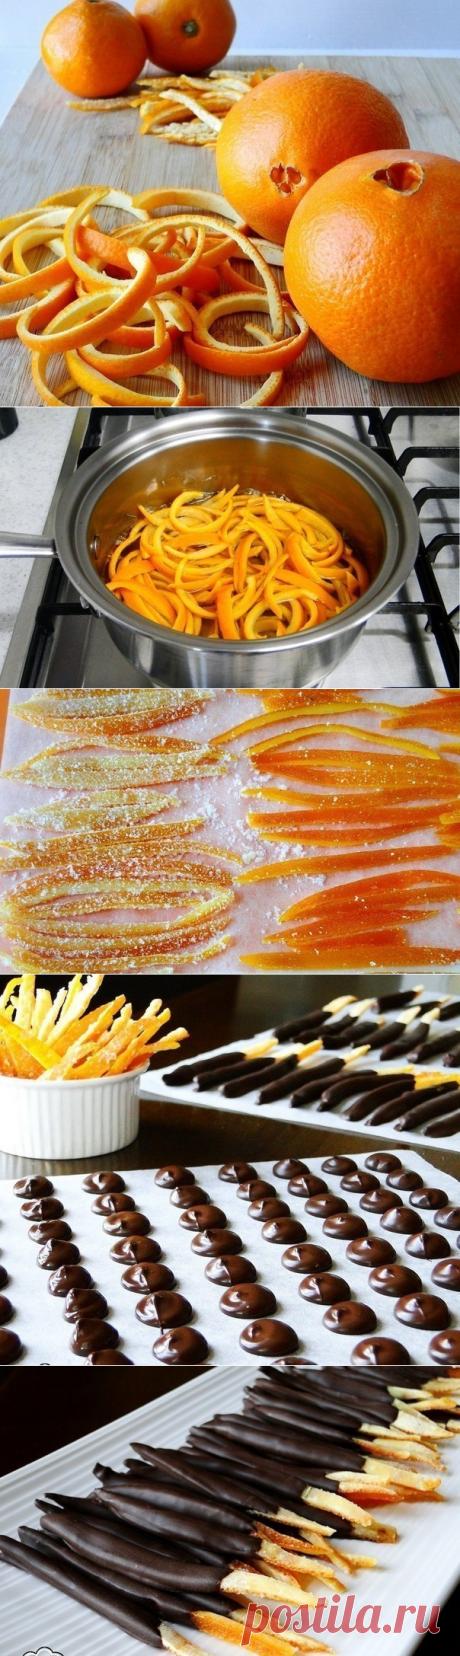 Как приготовить апельсиновые палочки в шоколаде - рецепт, ингридиенты и фотографии